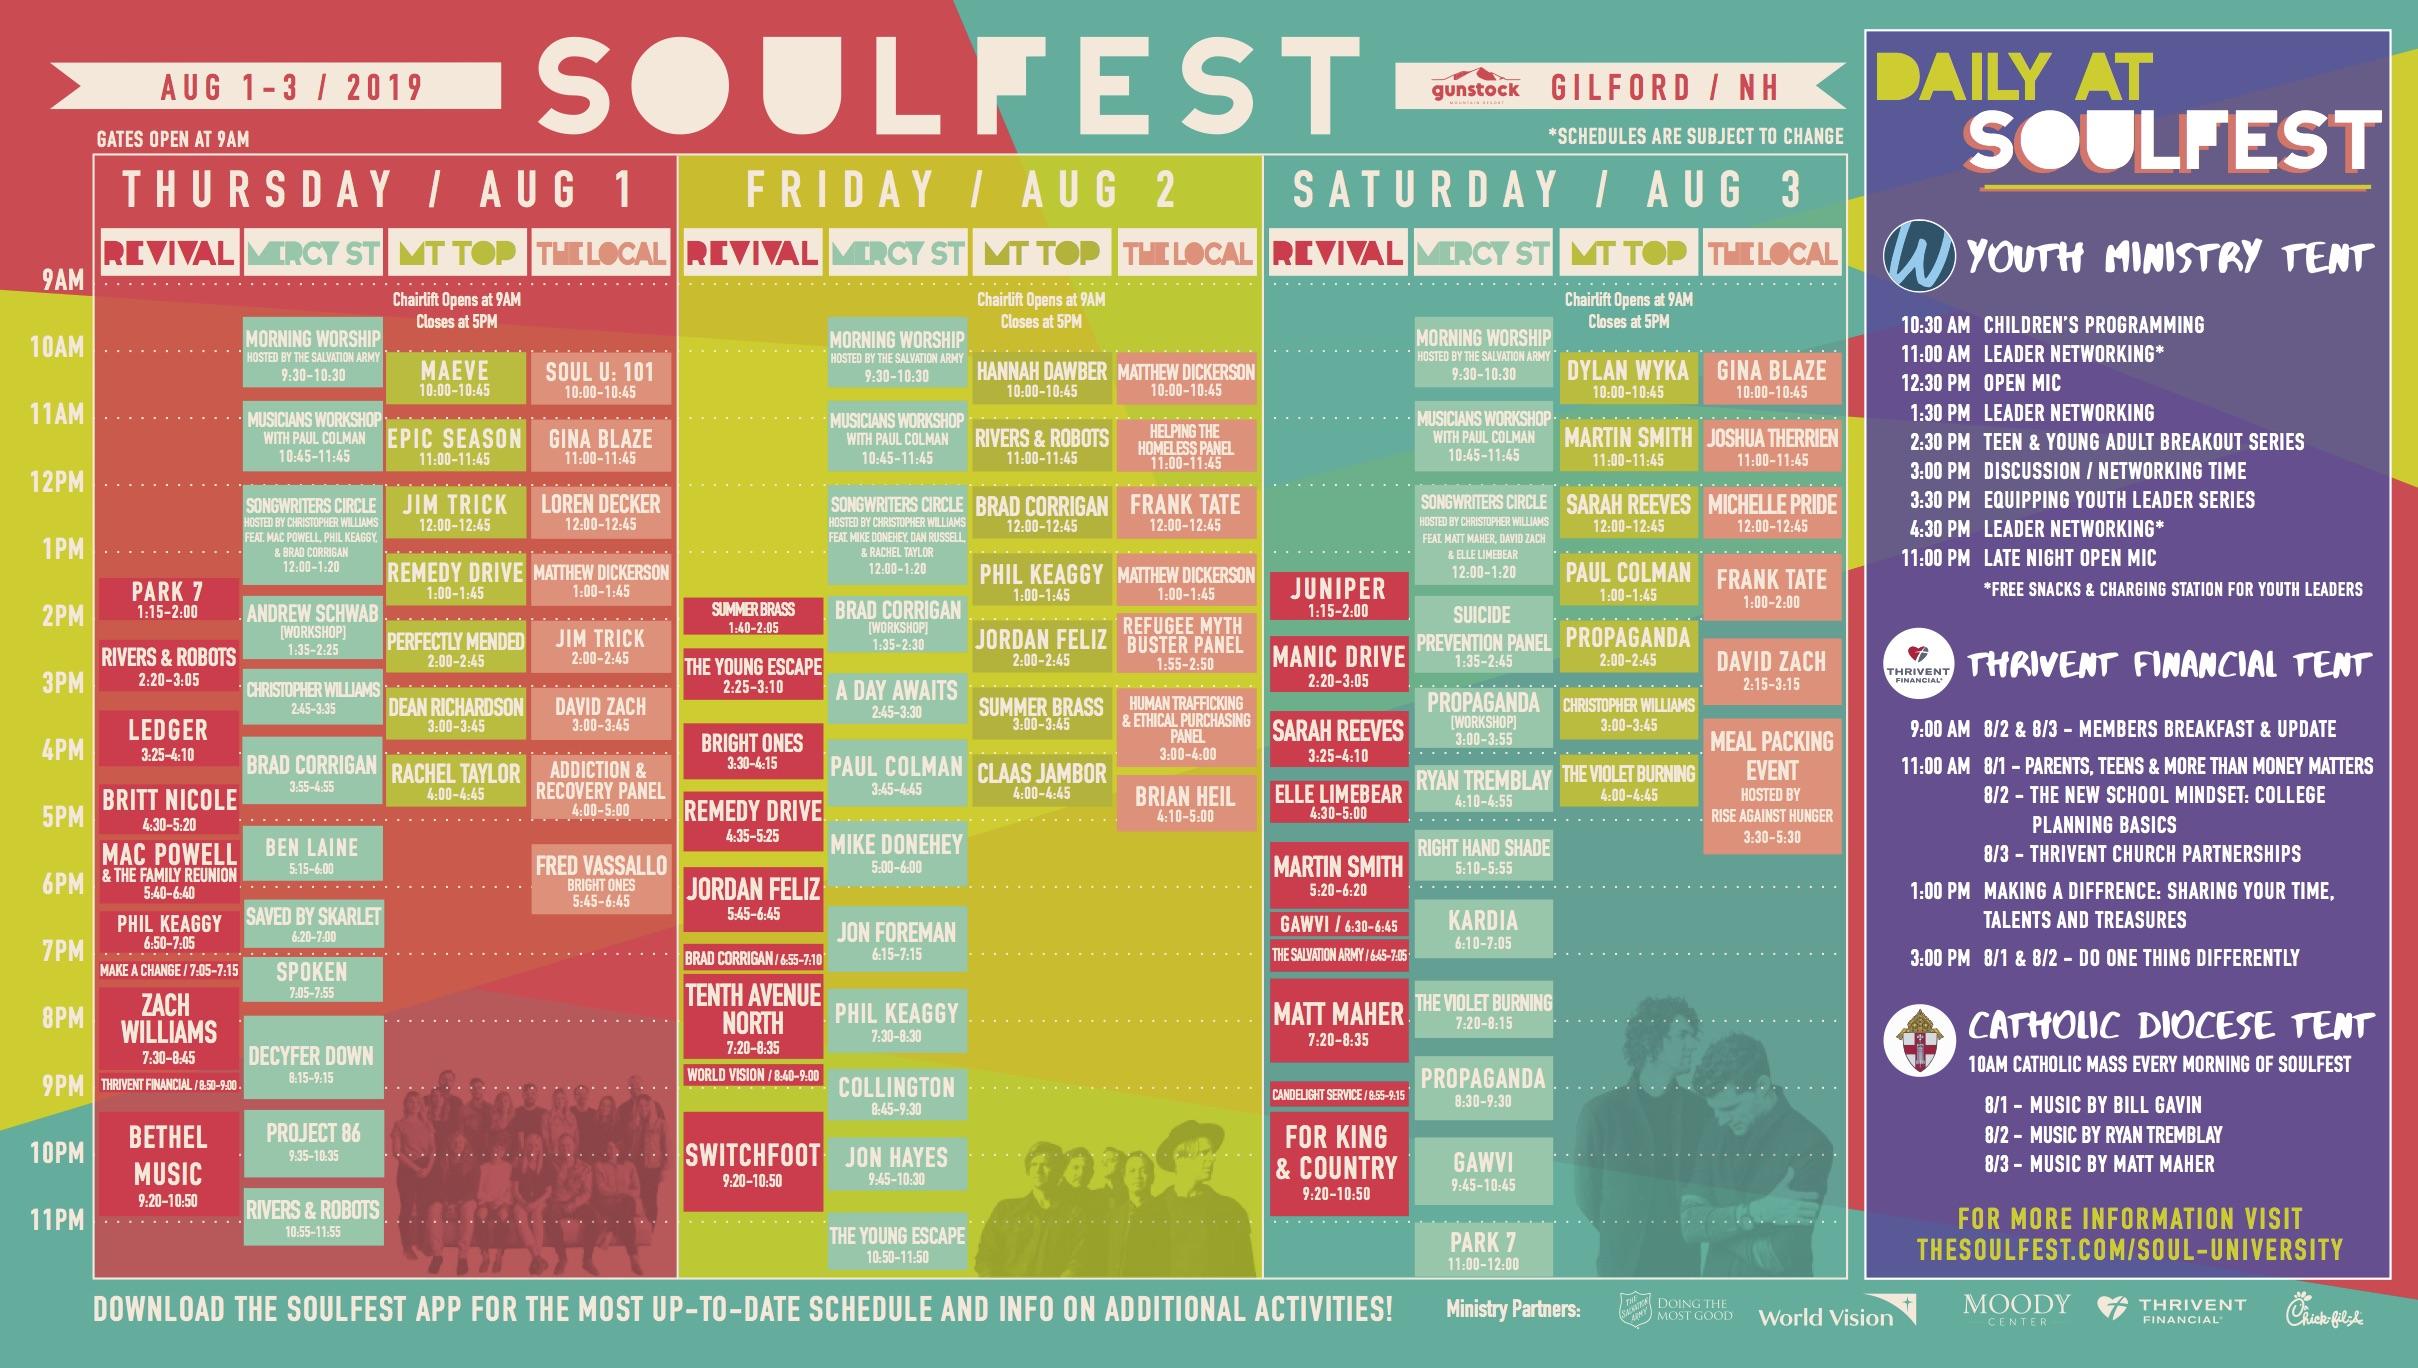 SF_Schedule2019.jpg